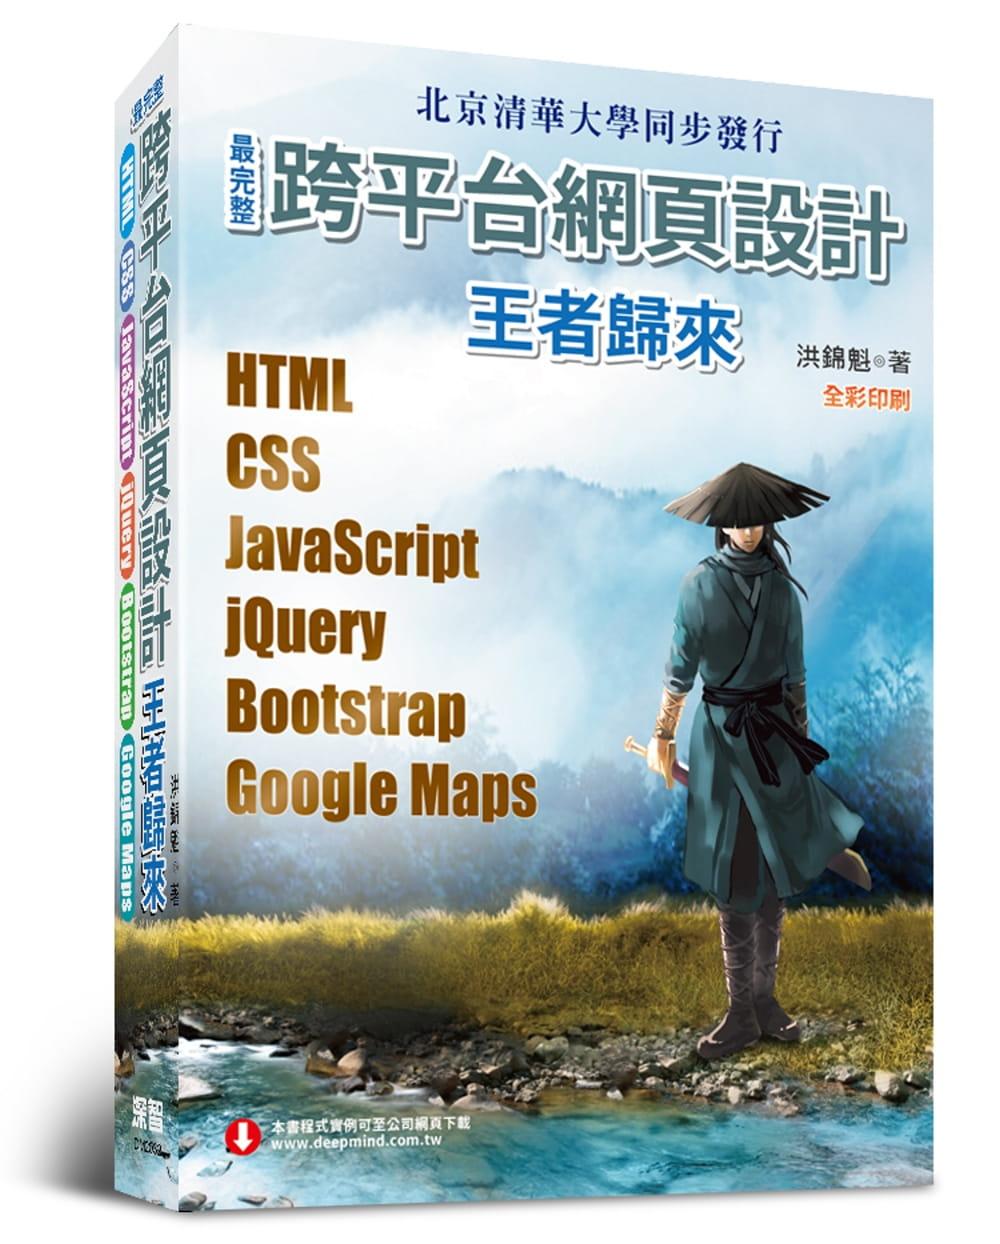 html css 範例大全 一本變精通入門書籍